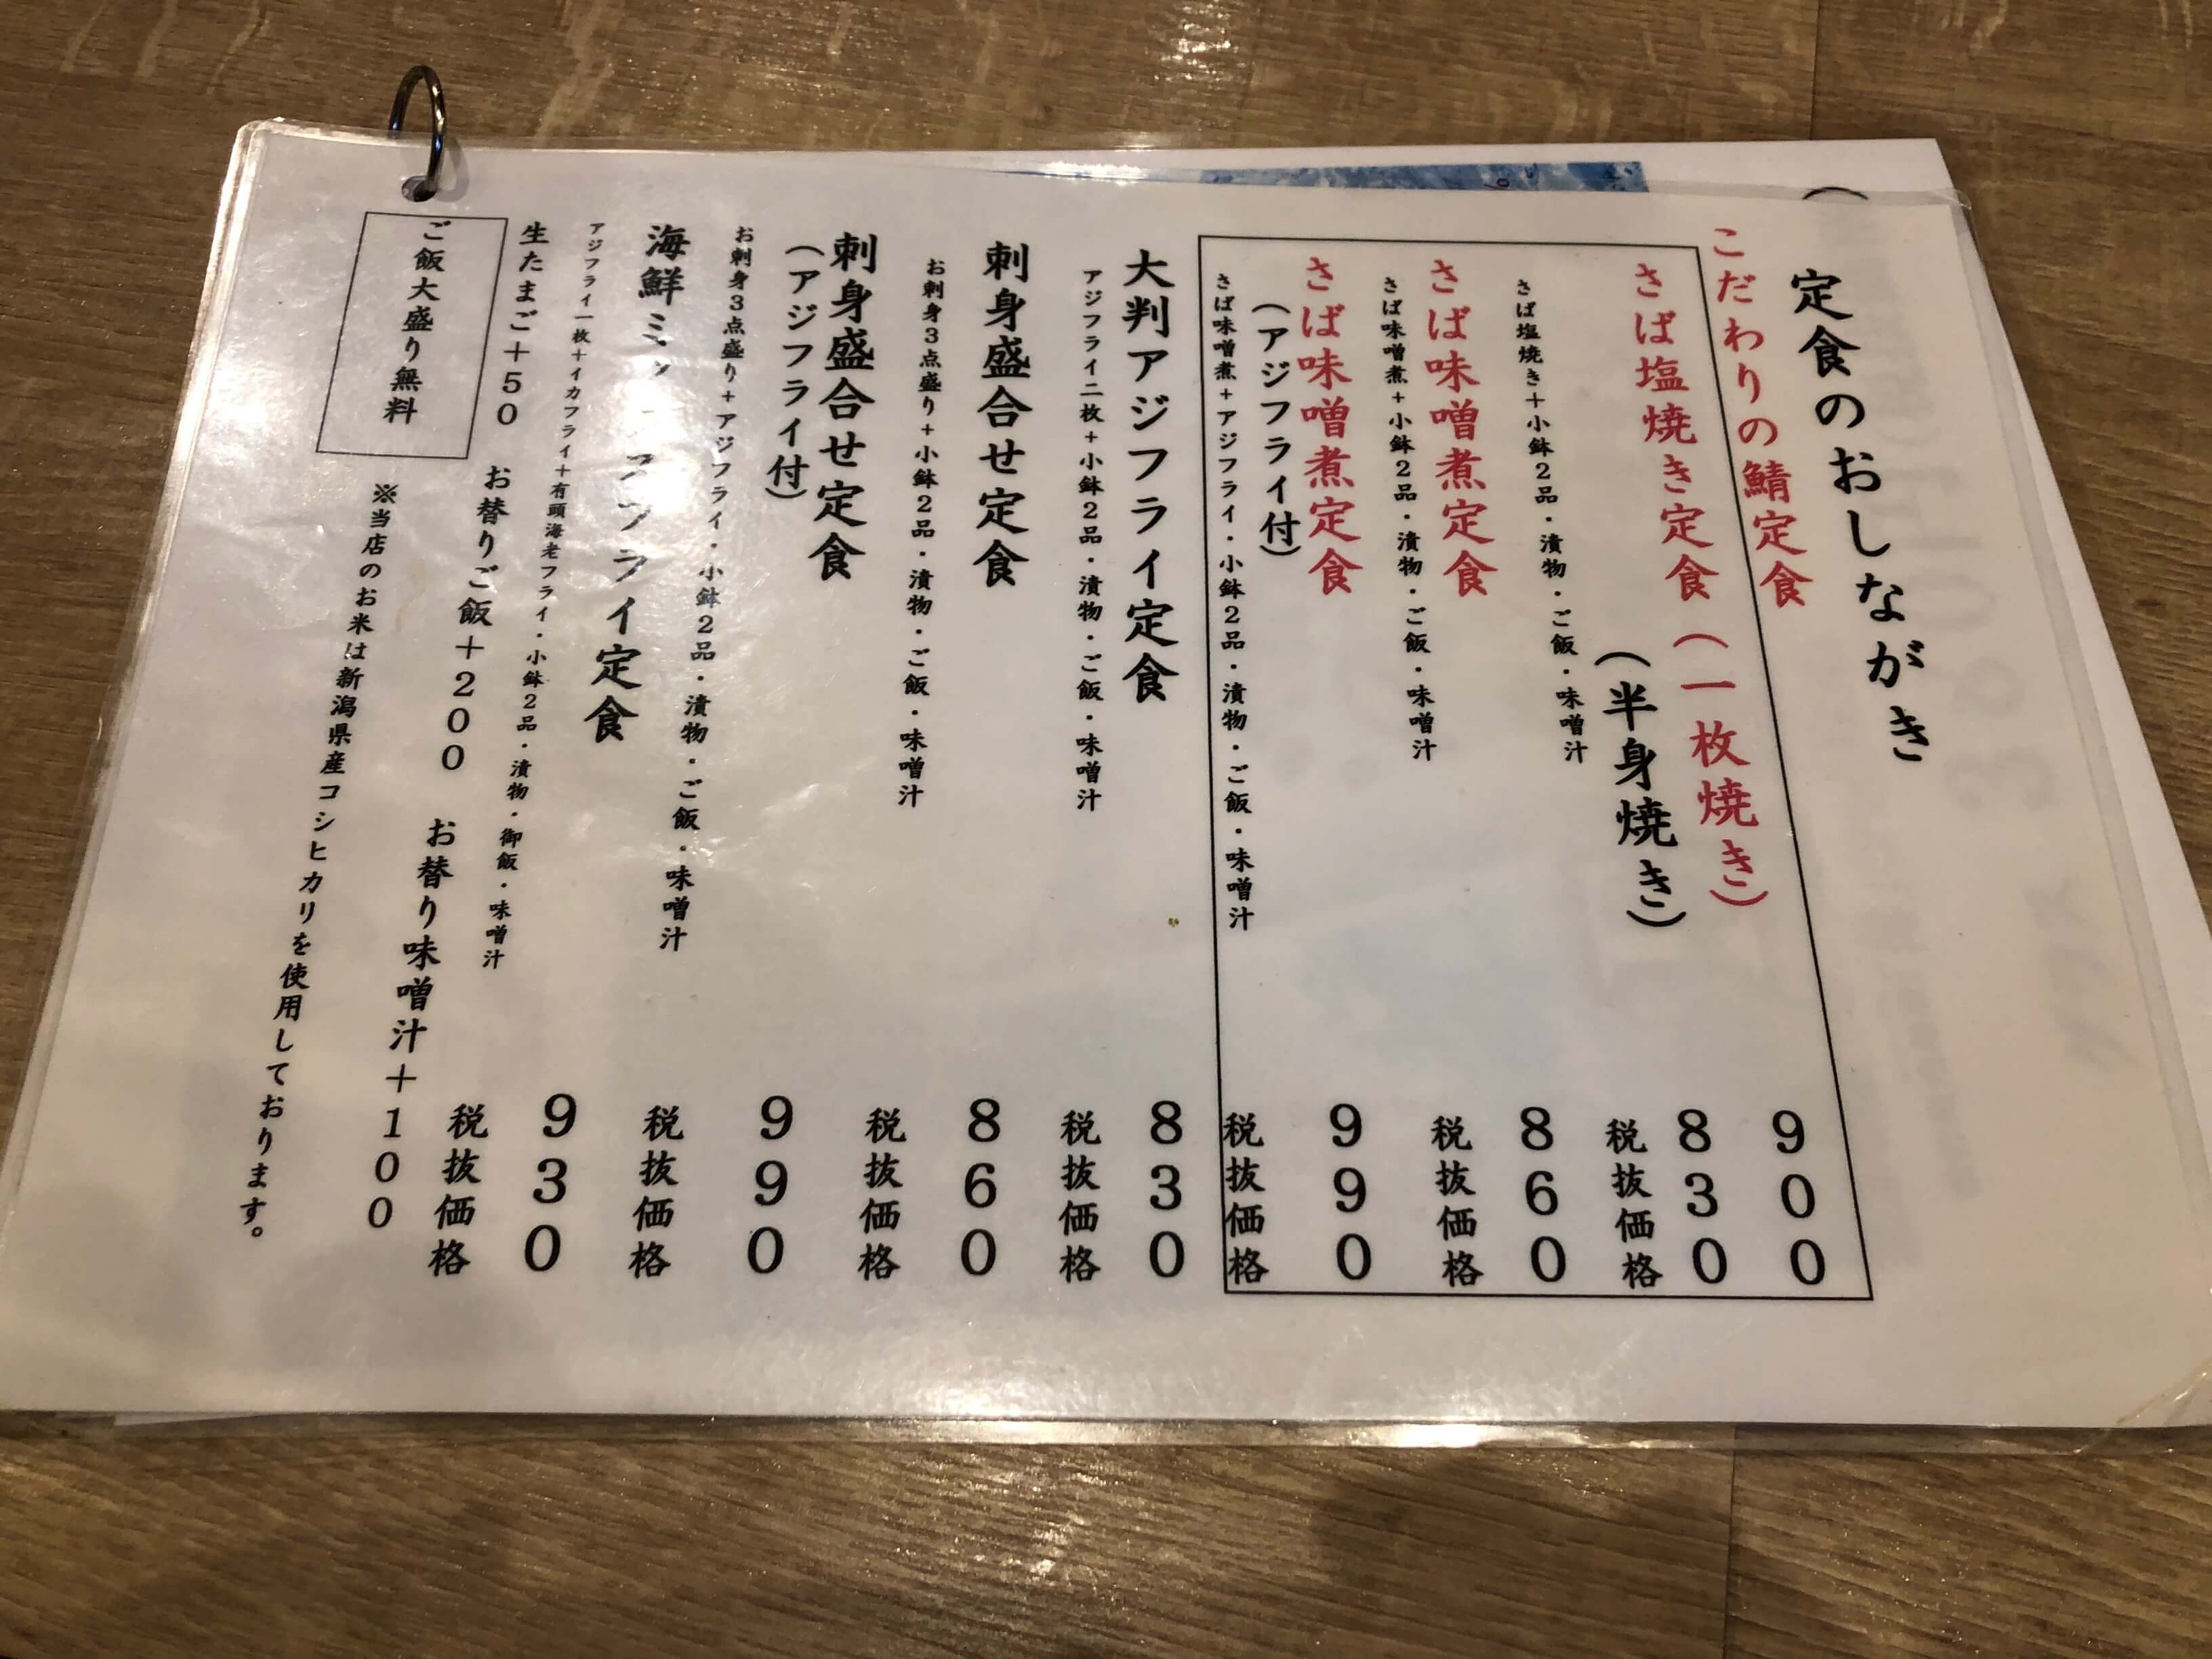 ホームベース伊勢佐木町 2020.11.01